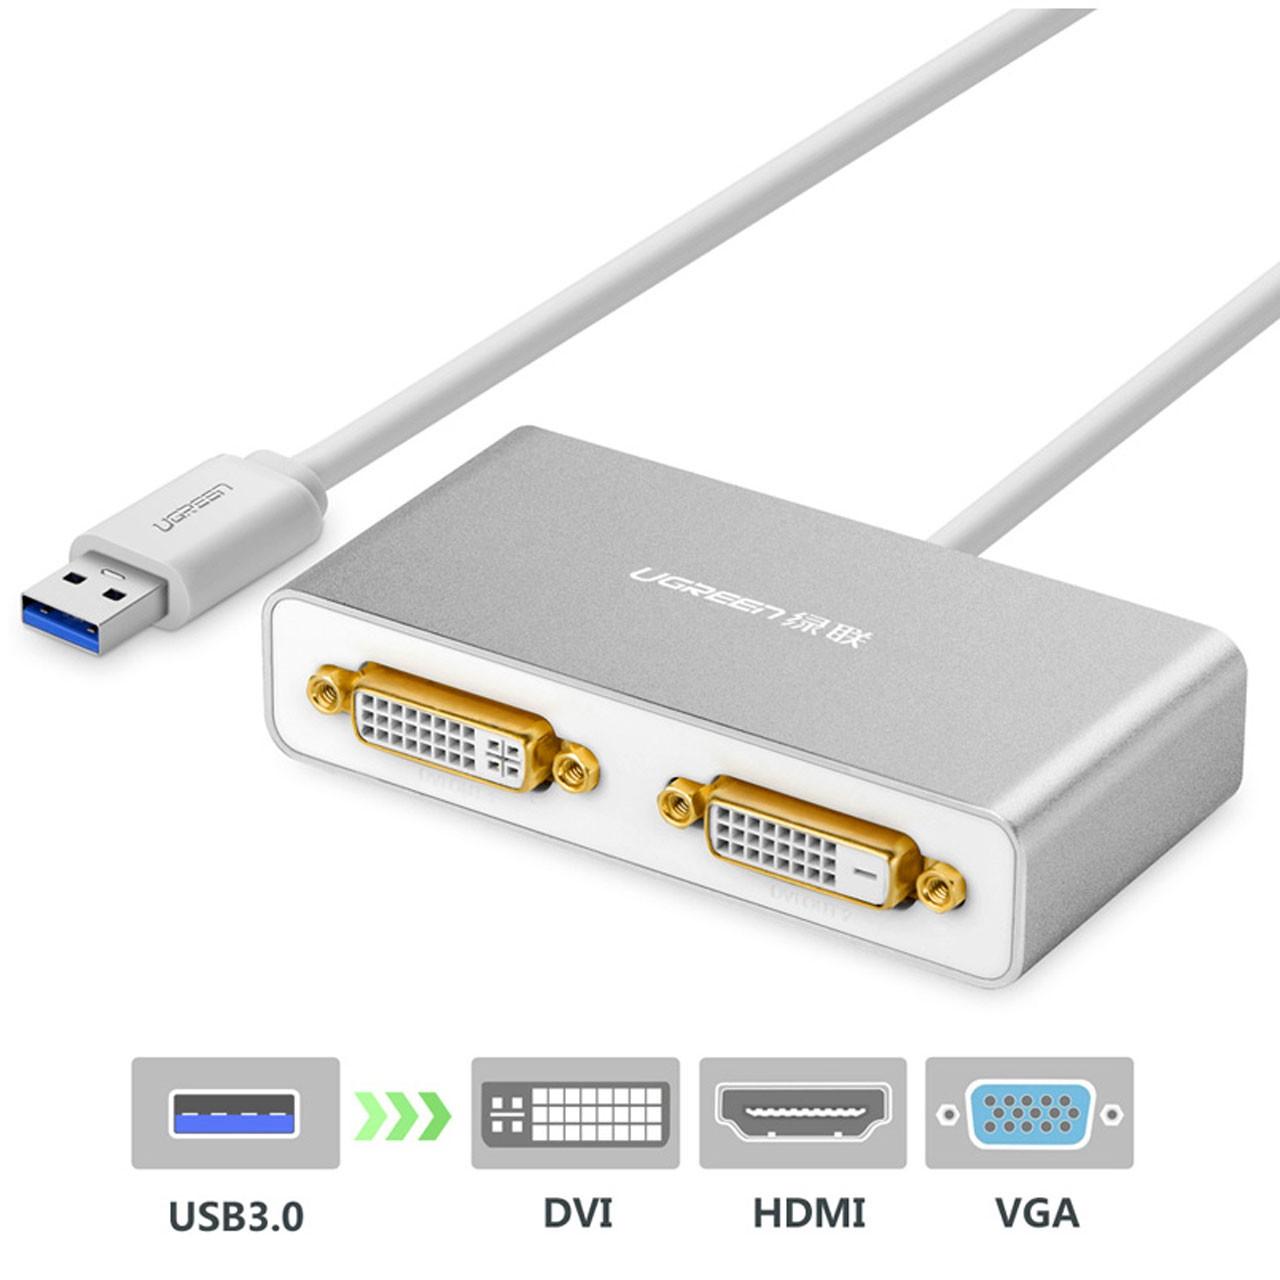 تبدیل 2 تصویر USB 3.0 به DVI / HDMI / VGA برند Ugreen 40246